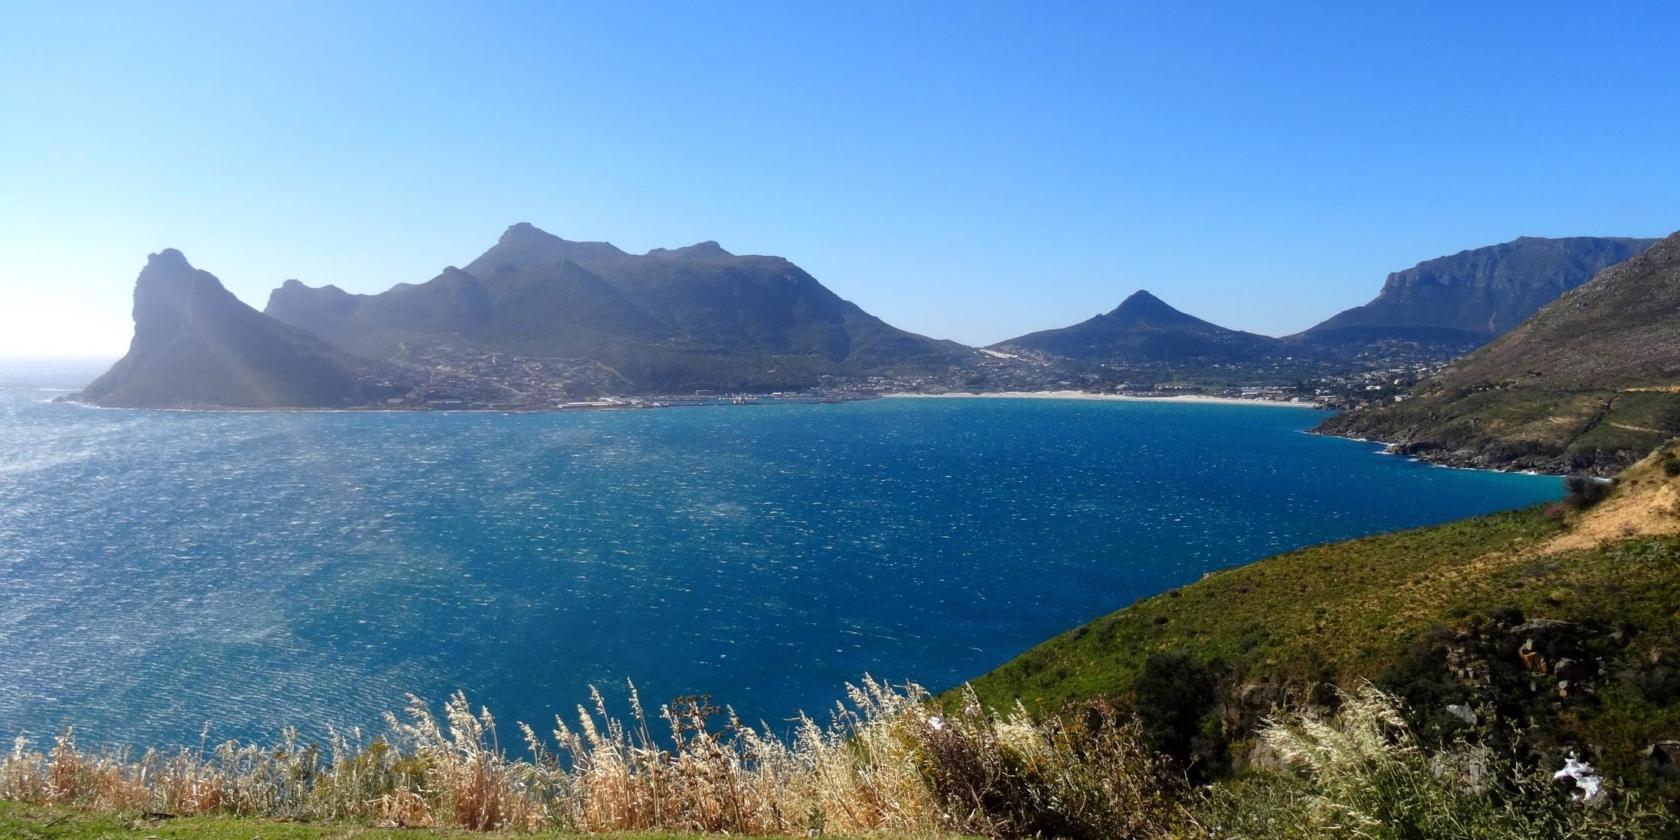 Kaapstad - Chapman's Peak